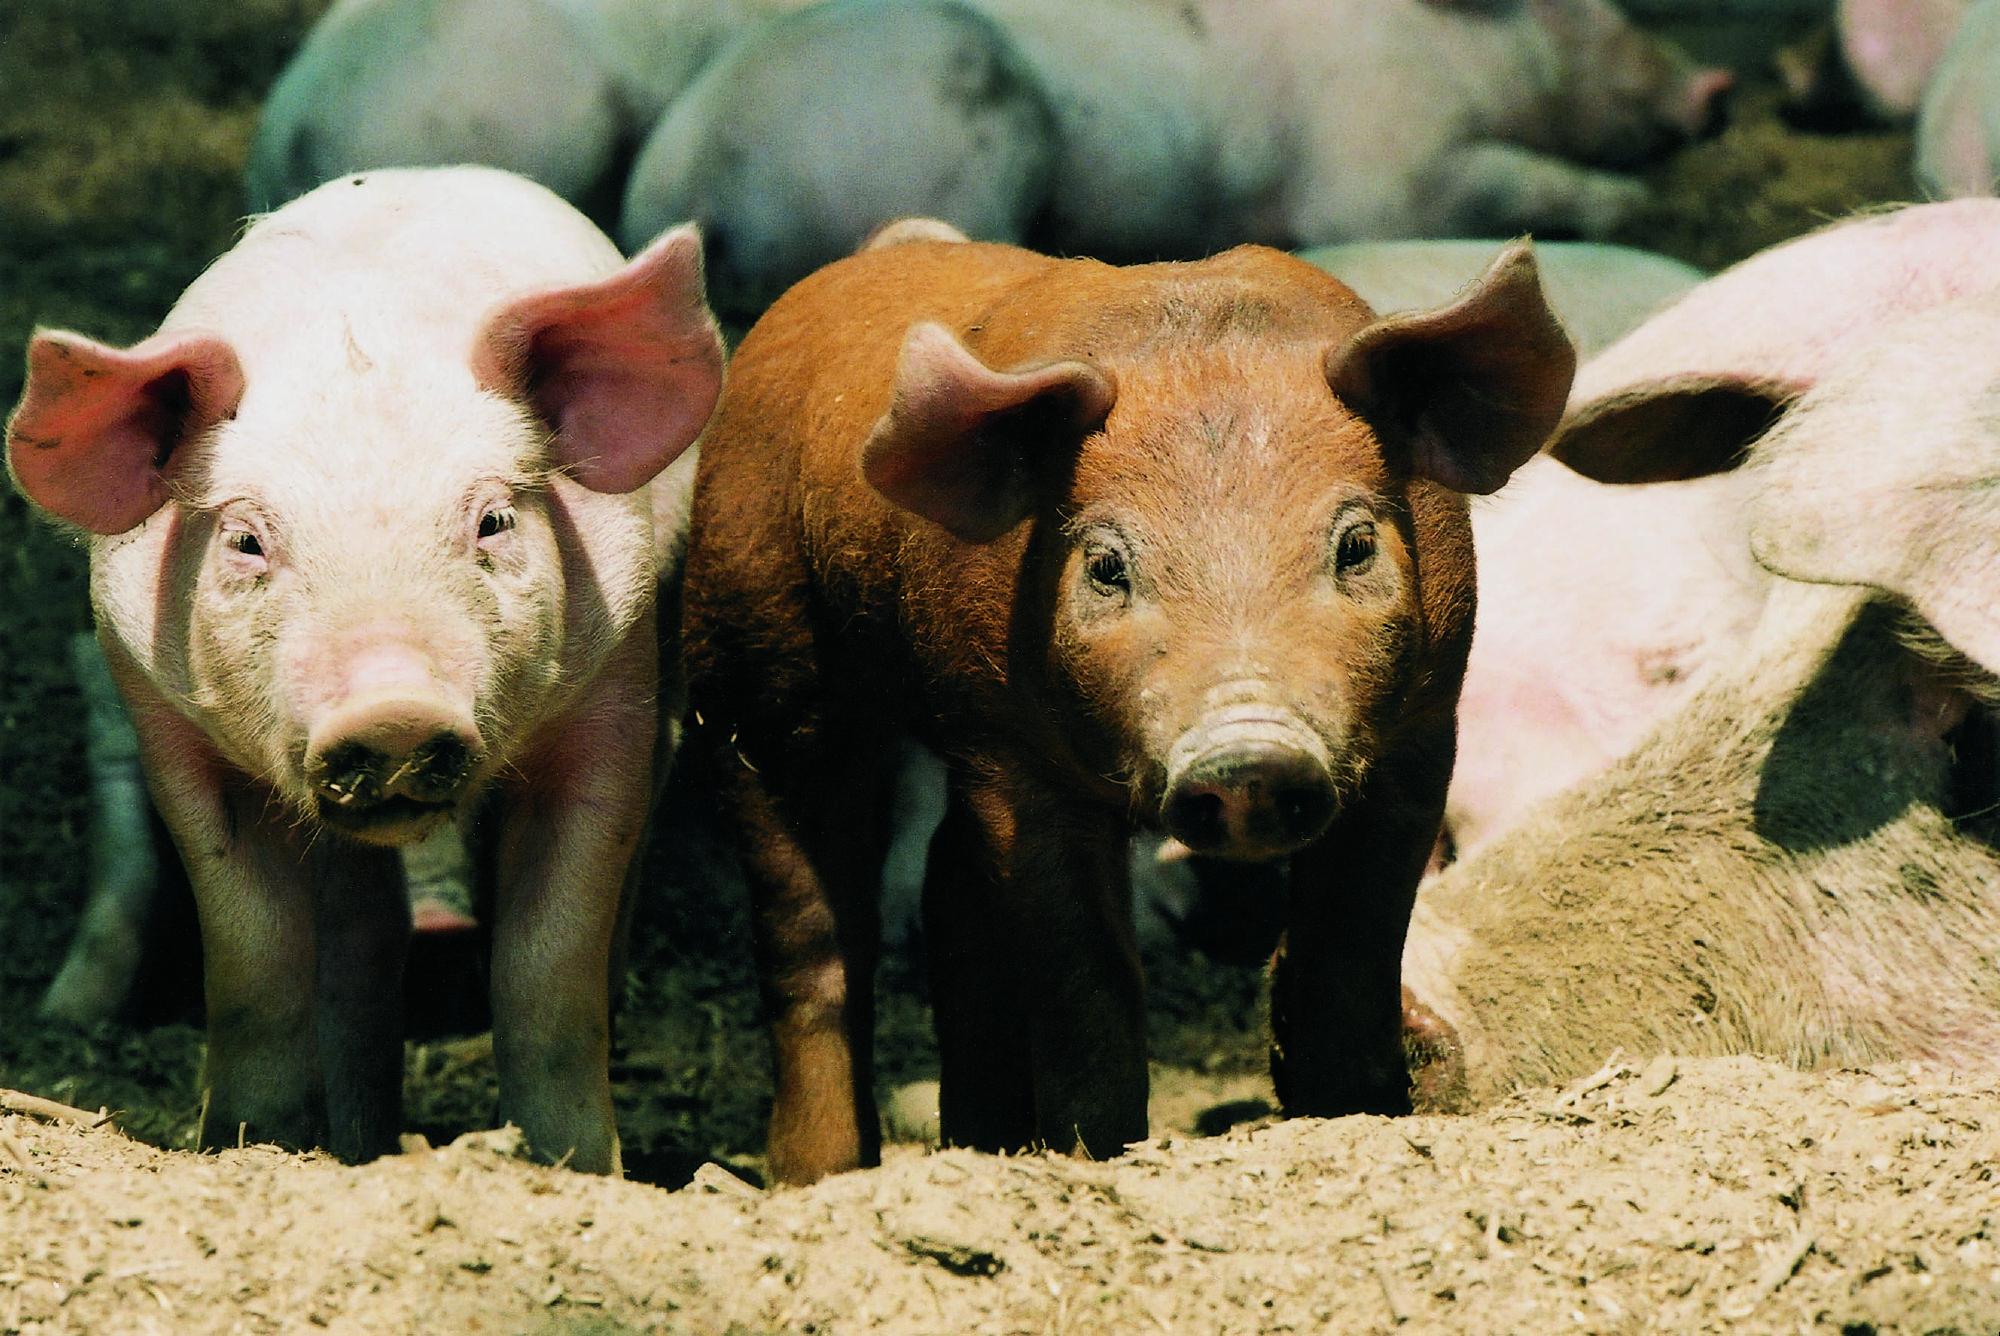 Cochons dans un élevage en liberté